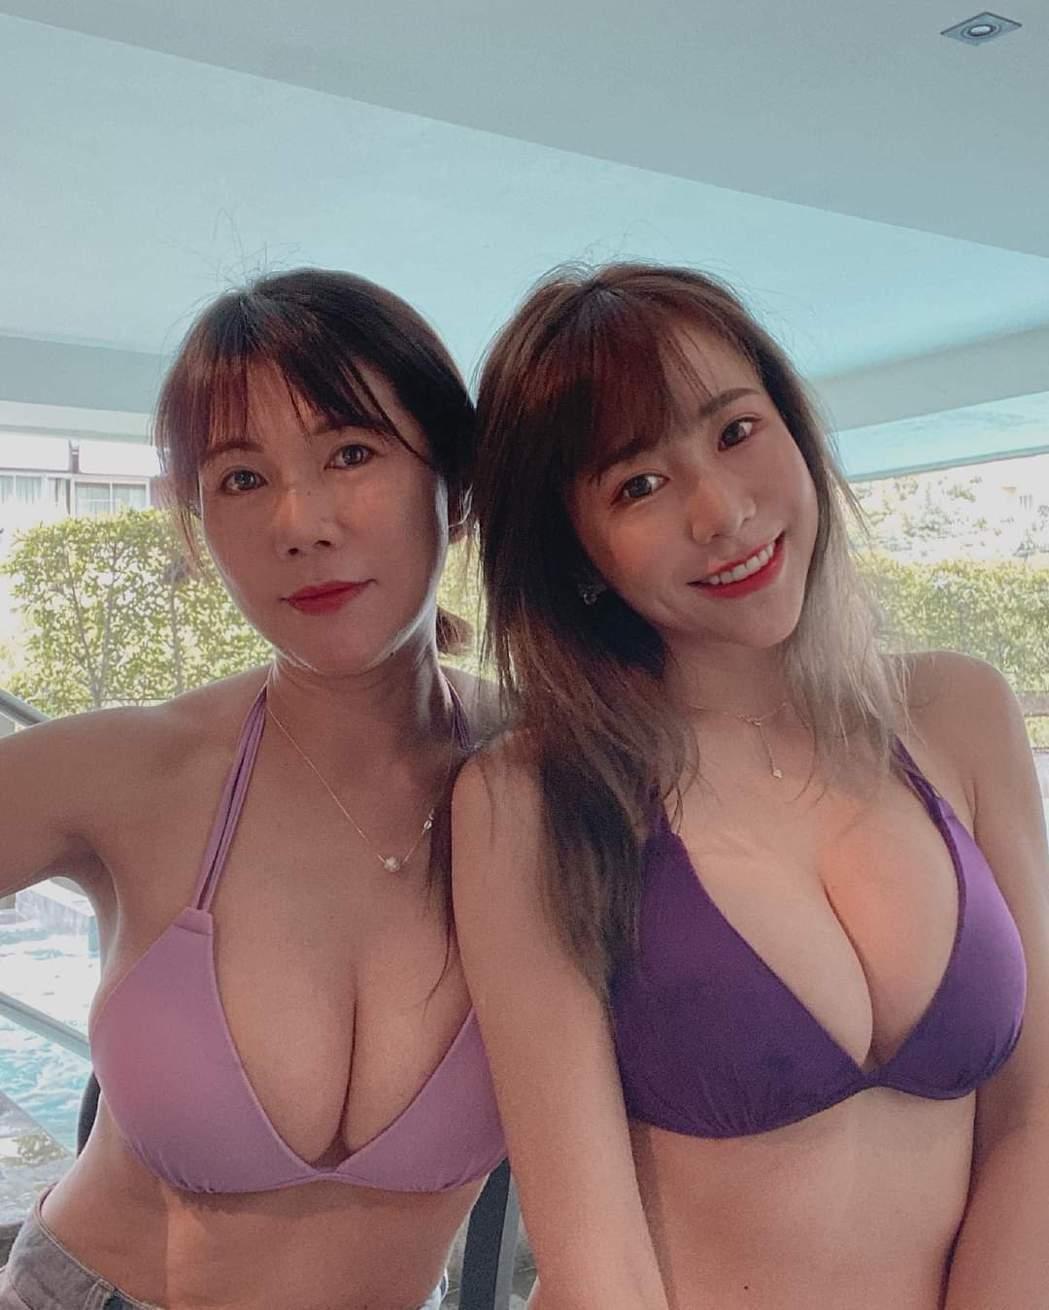 梓梓和媽媽都有火辣身材。圖/摘自臉書